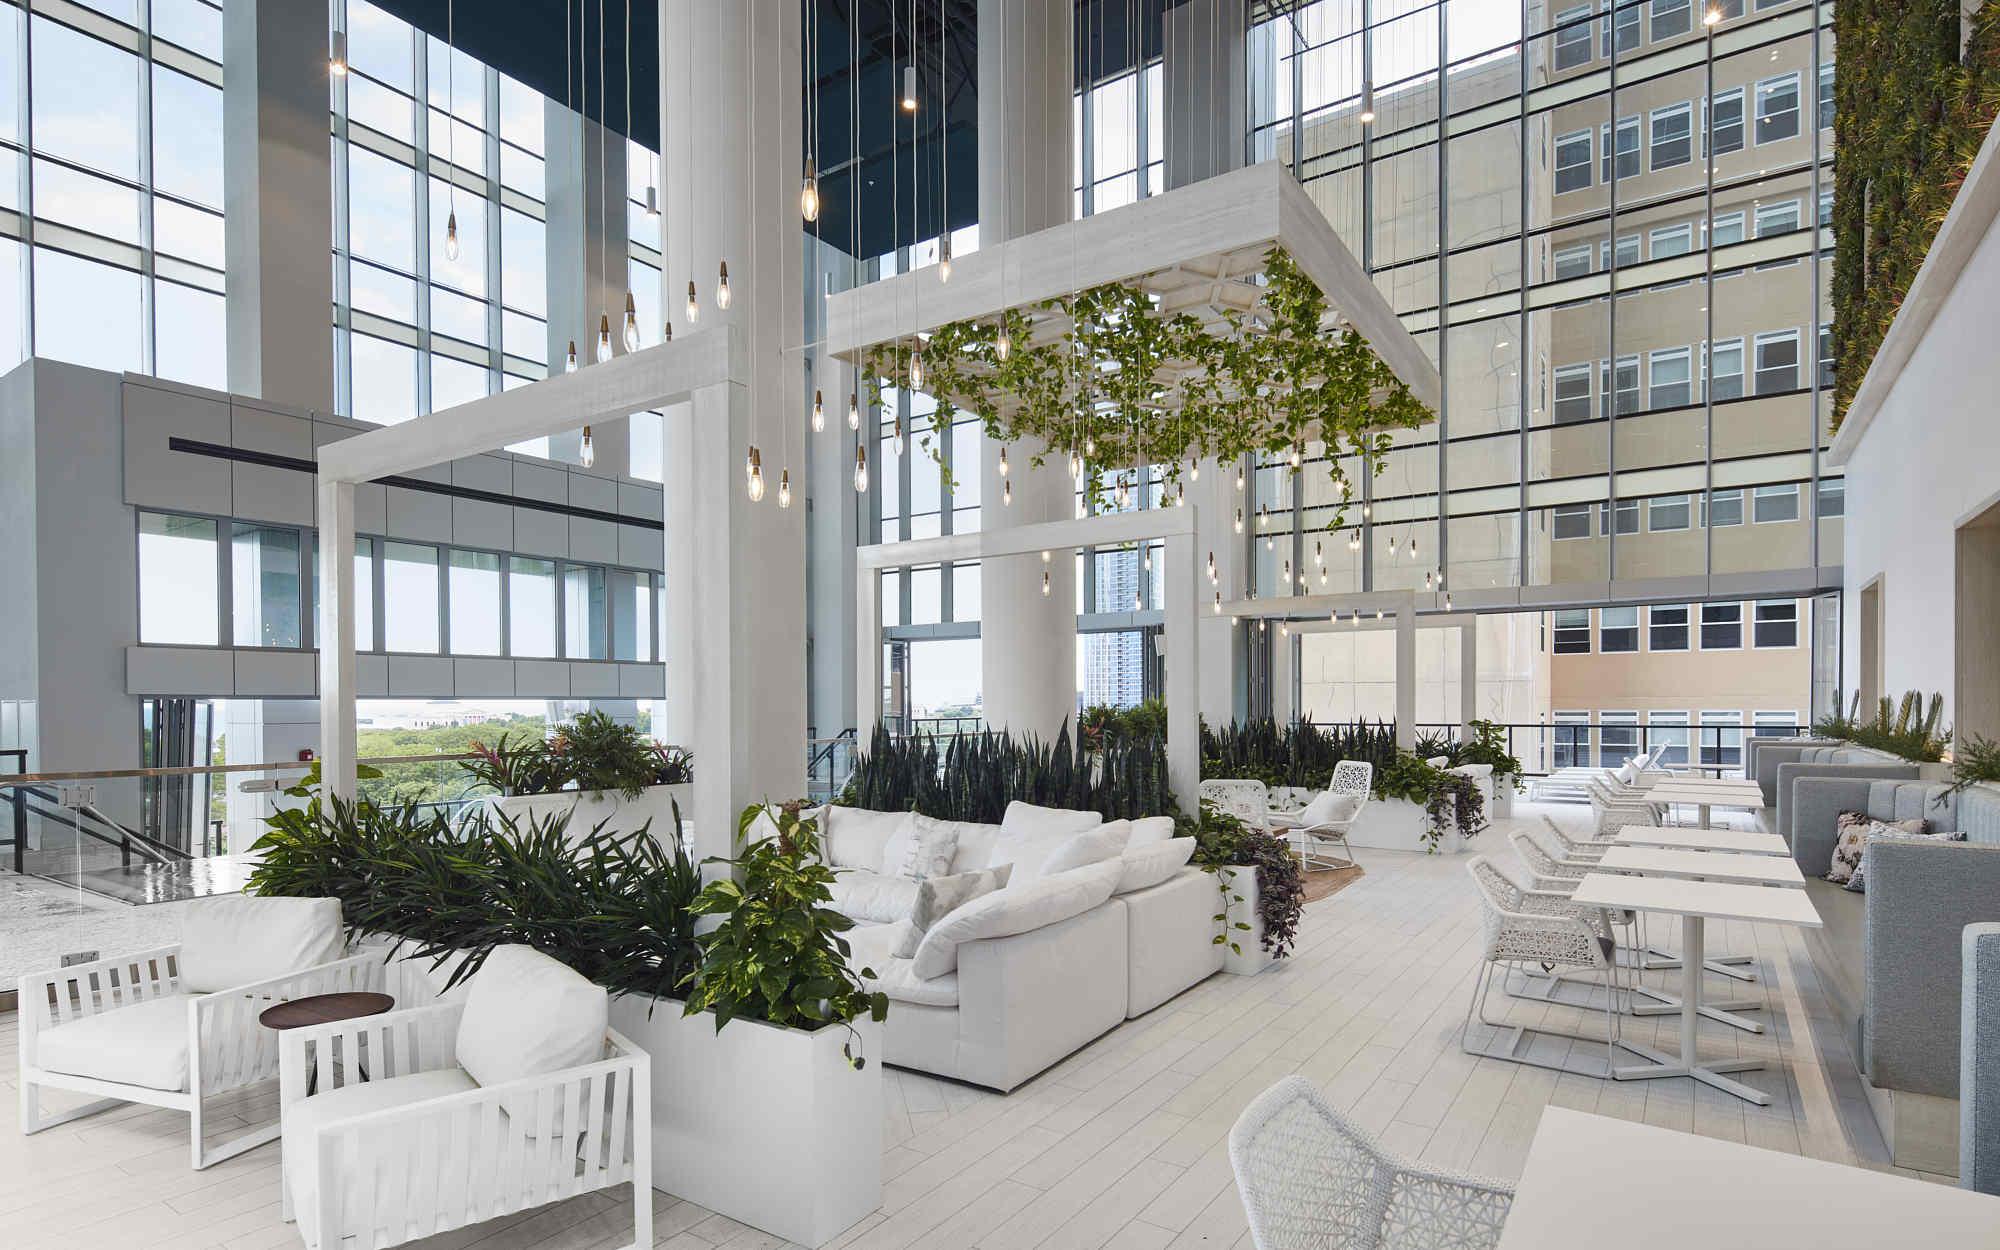 Essex interior garden and lounge